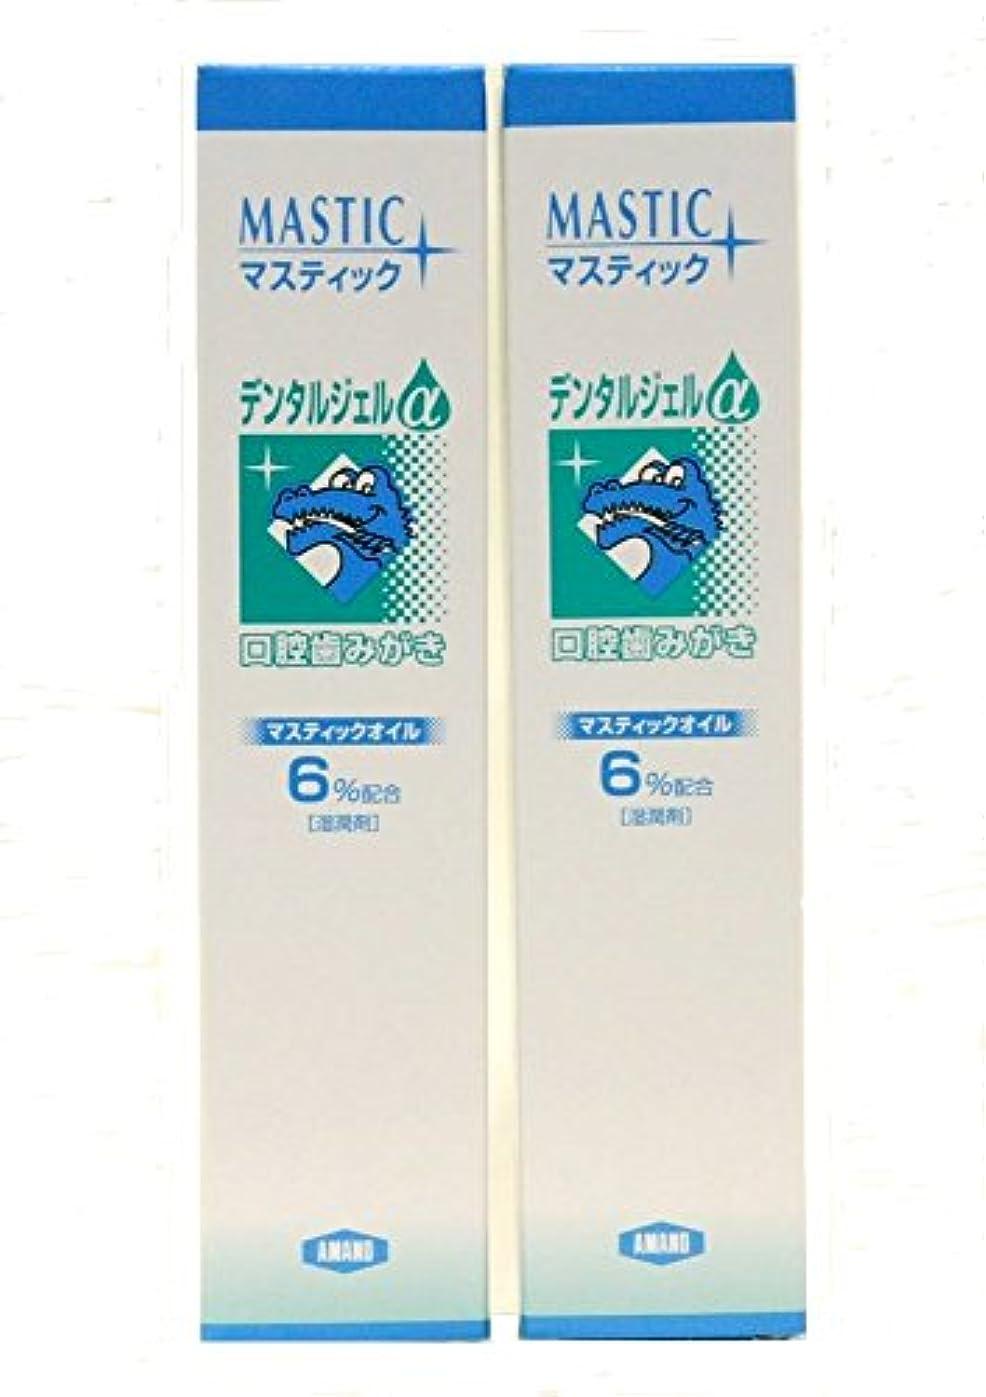 同等の降臨起きるMASTIC マスティックデンタルジェルα45gX2個セット